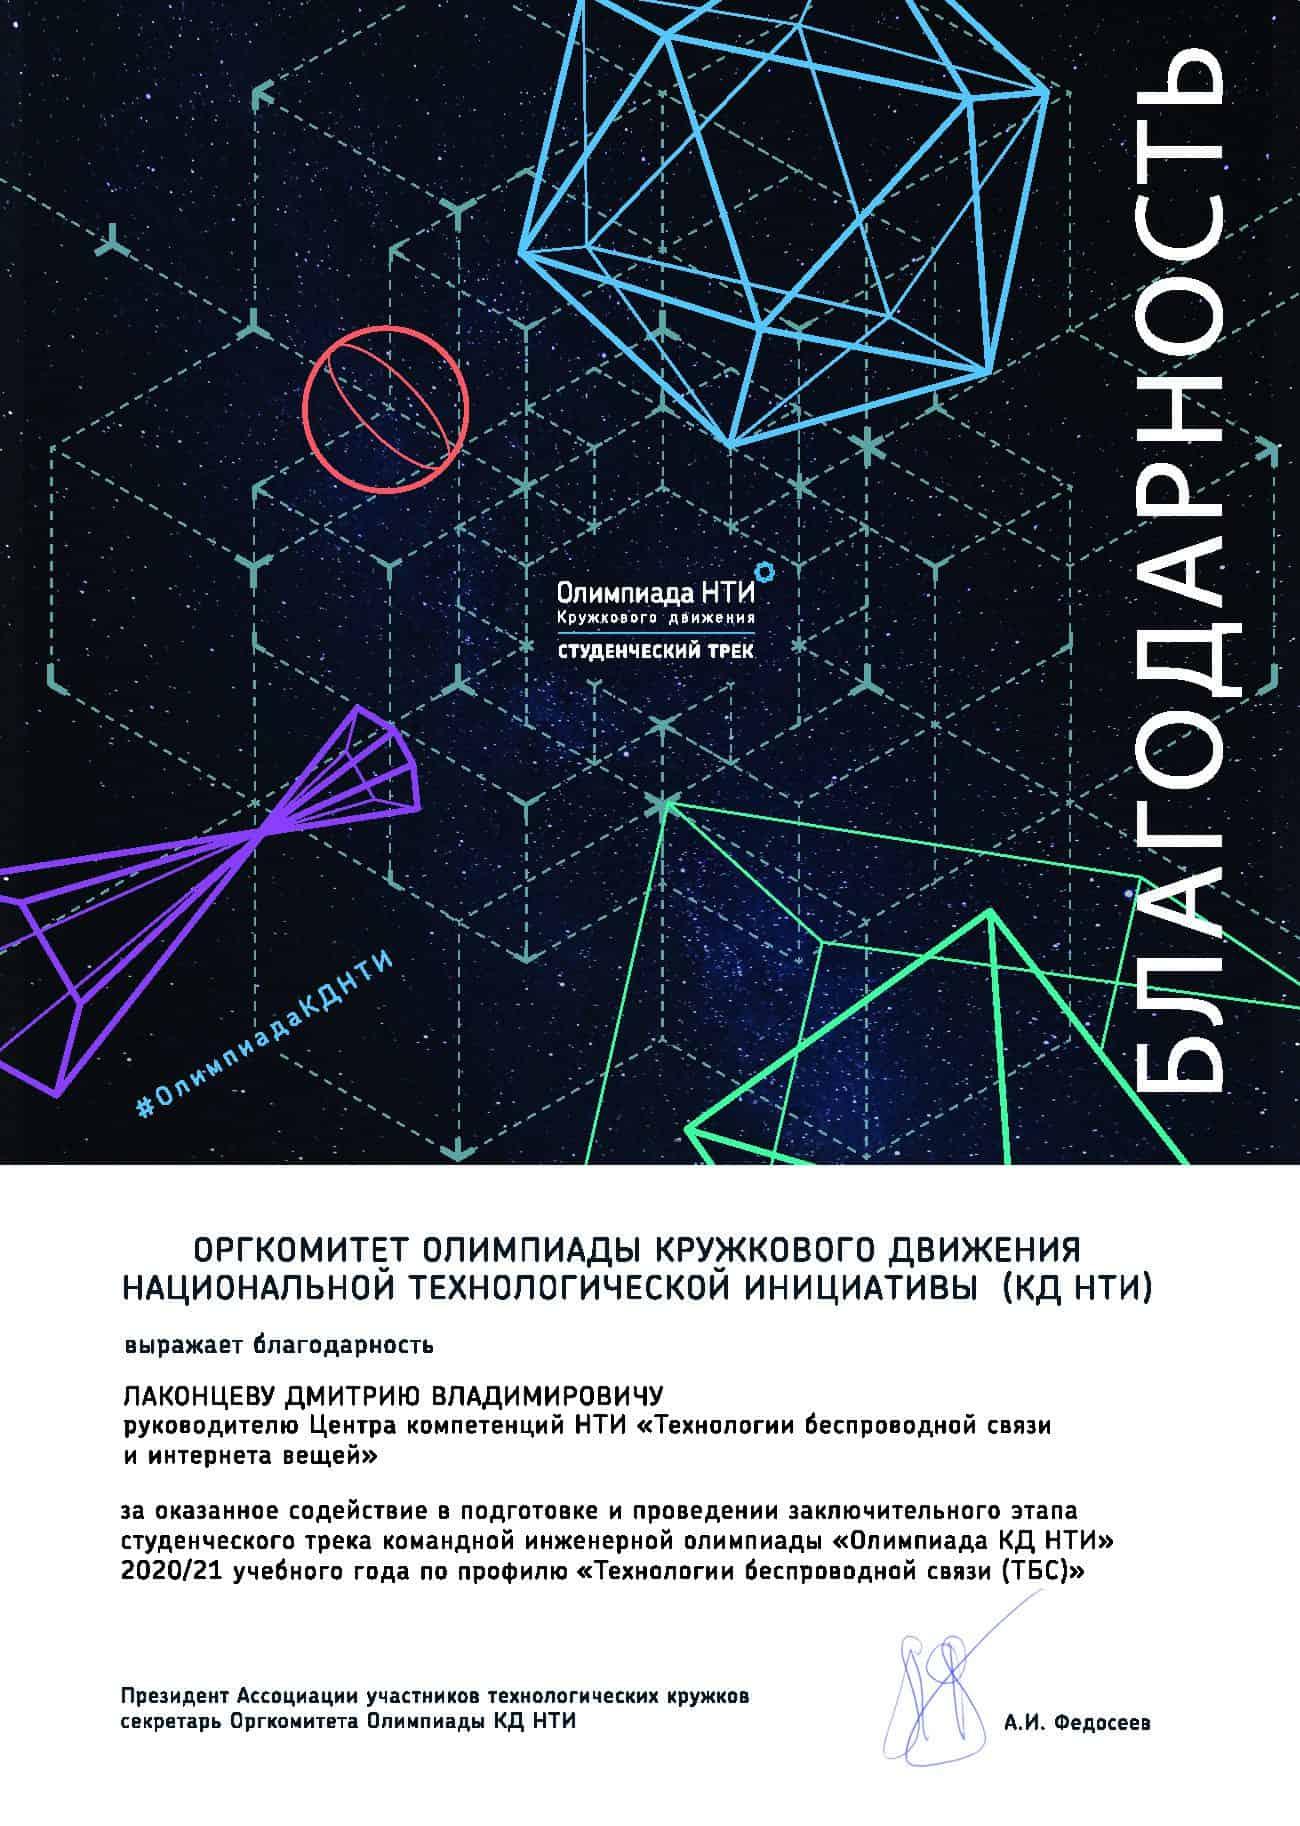 Благодарность Дмитрию Лаконцеву (руководитель ЦК НТИ на базе Сколтеха) за оказанное содействие в подготовке и проведении мероприятия.